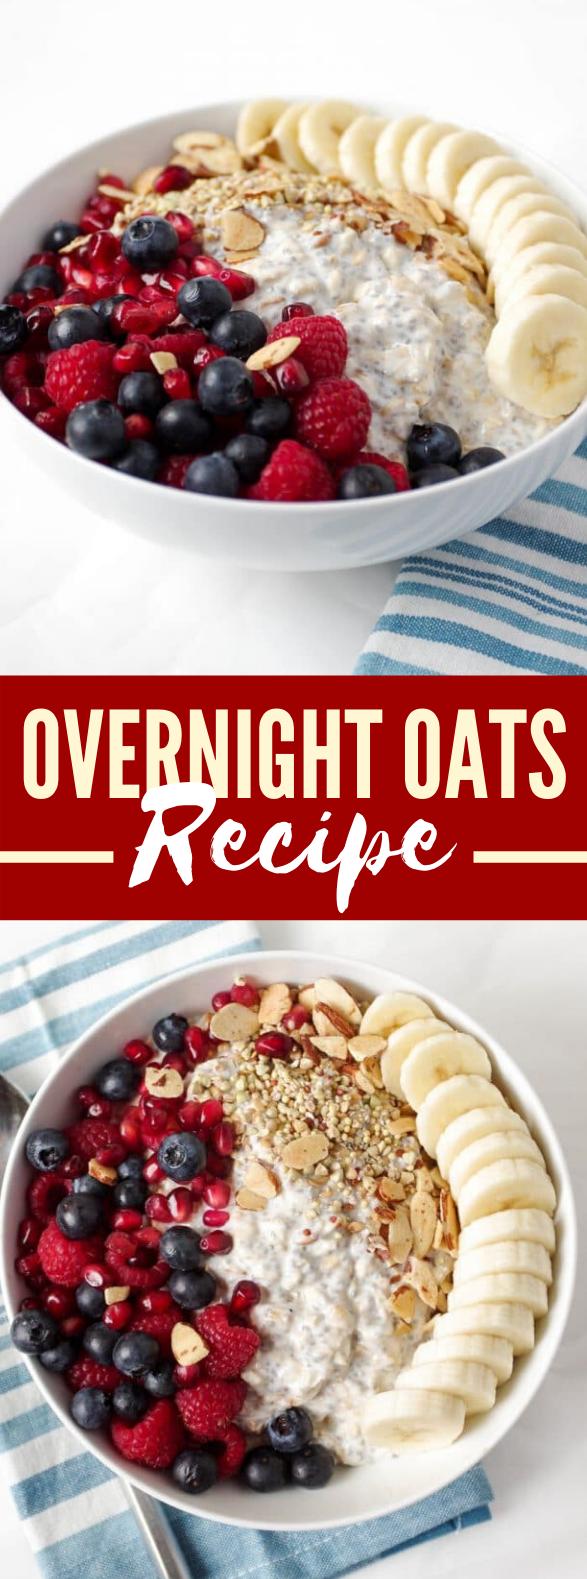 OVERNIGHT OATS RECIPE #breakfast #healthy